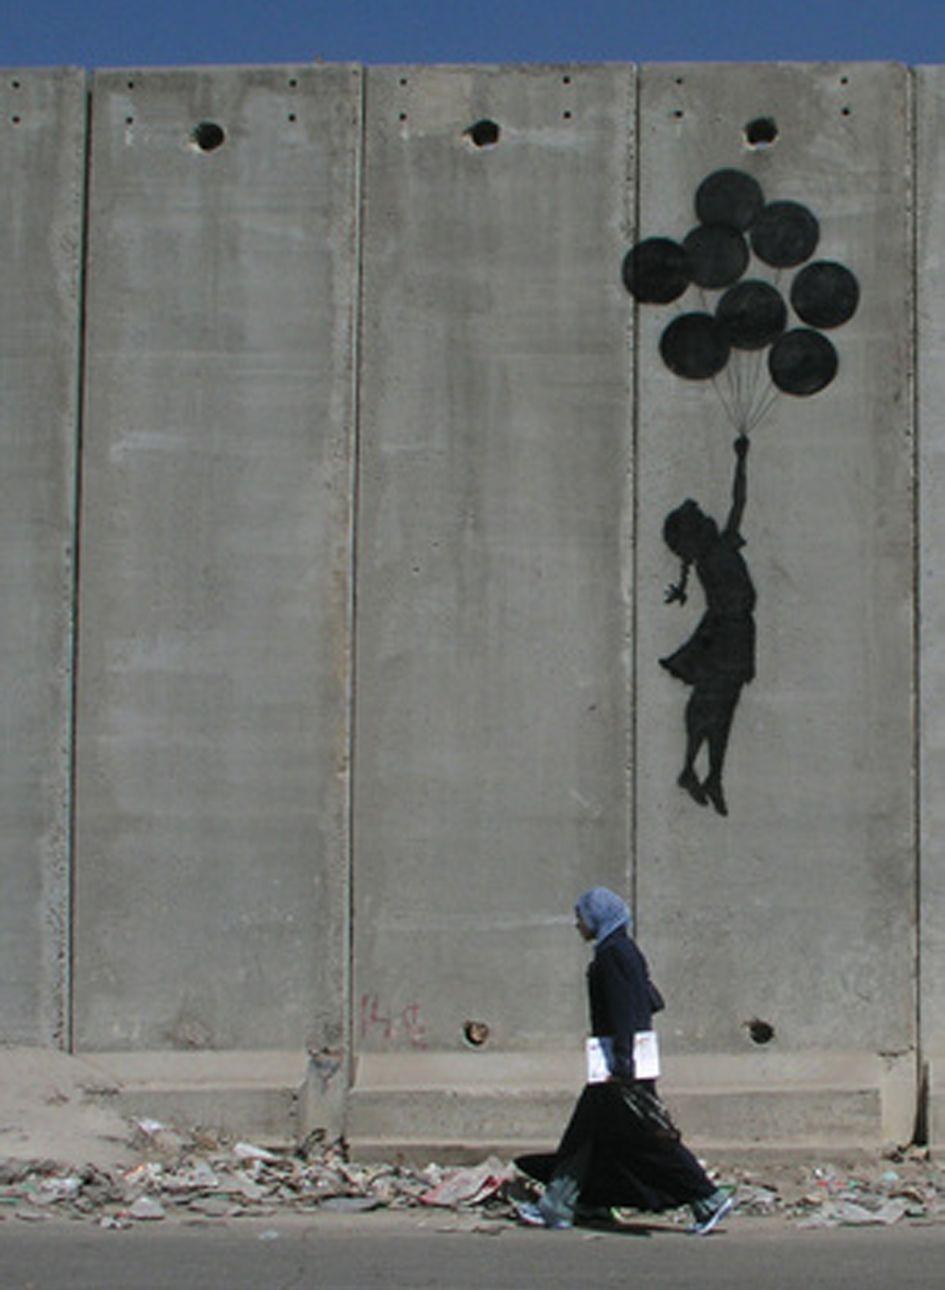 Banksy Ballon girl on Gaza wall | it's called life ...